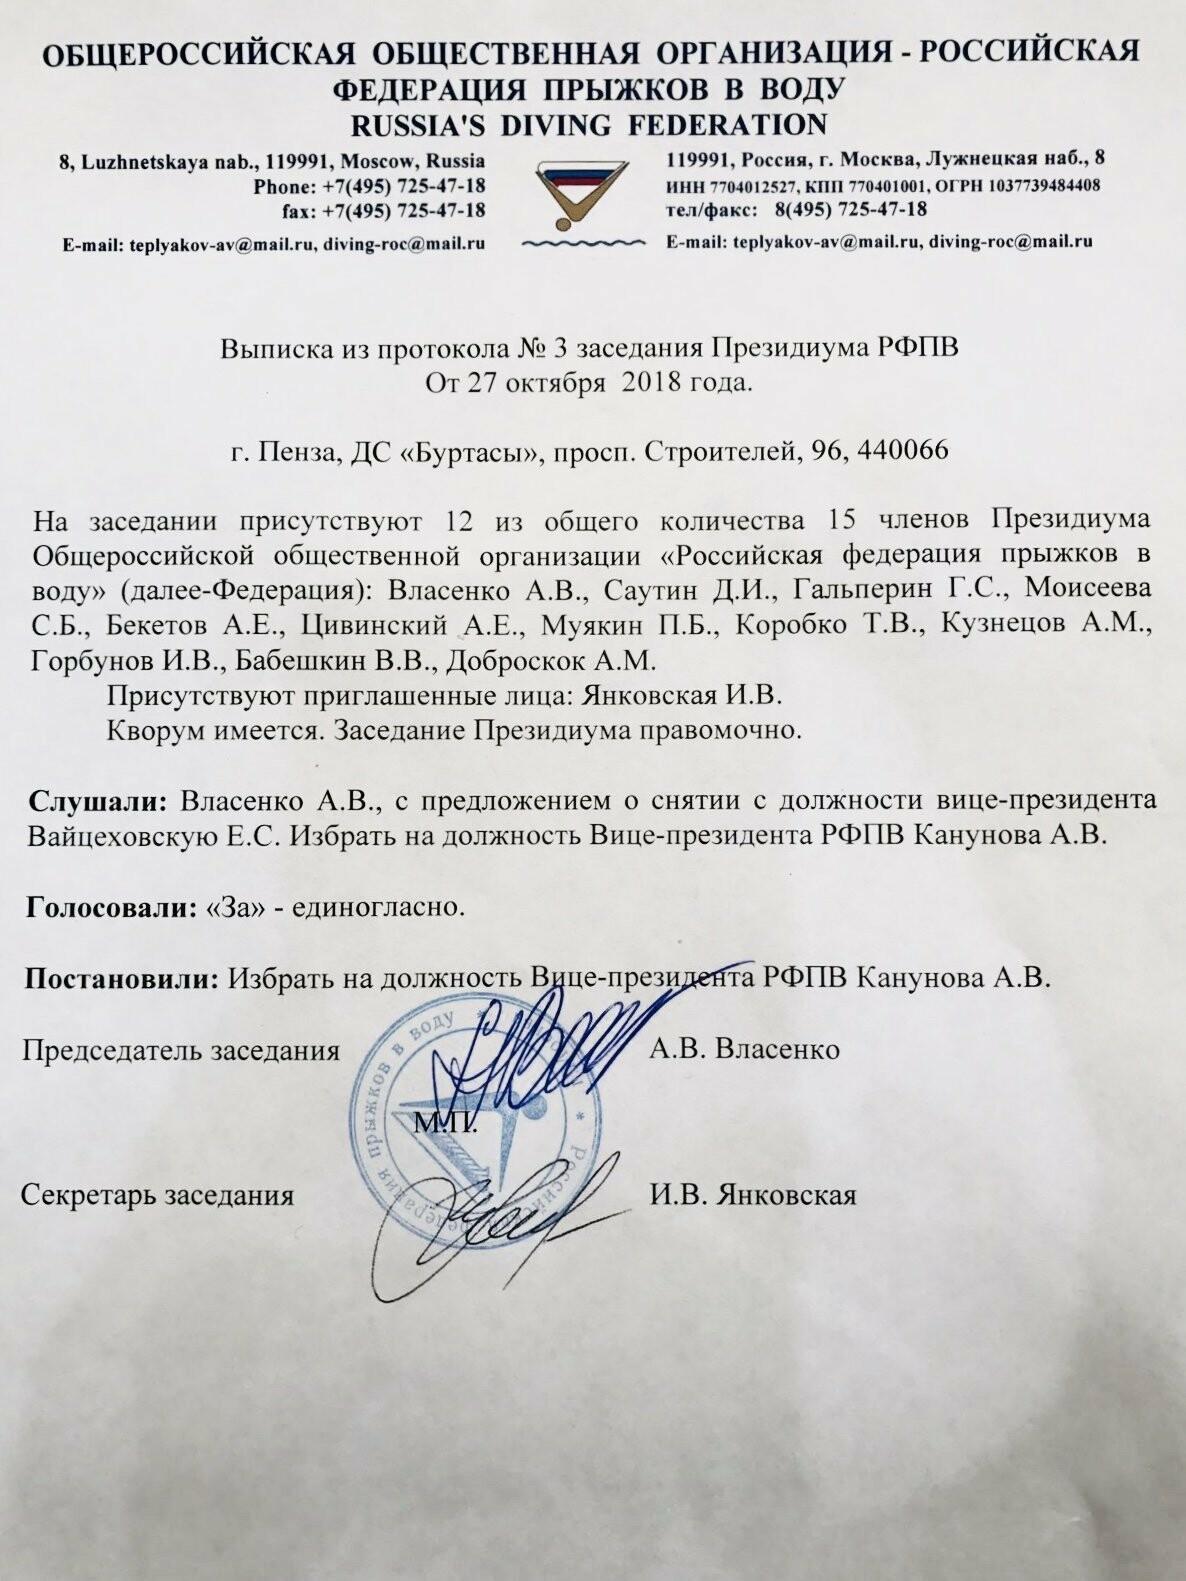 Ялтинец Анри Канунов  стал вице-президентом «Российской федерации по прыжкам в воду», фото-2